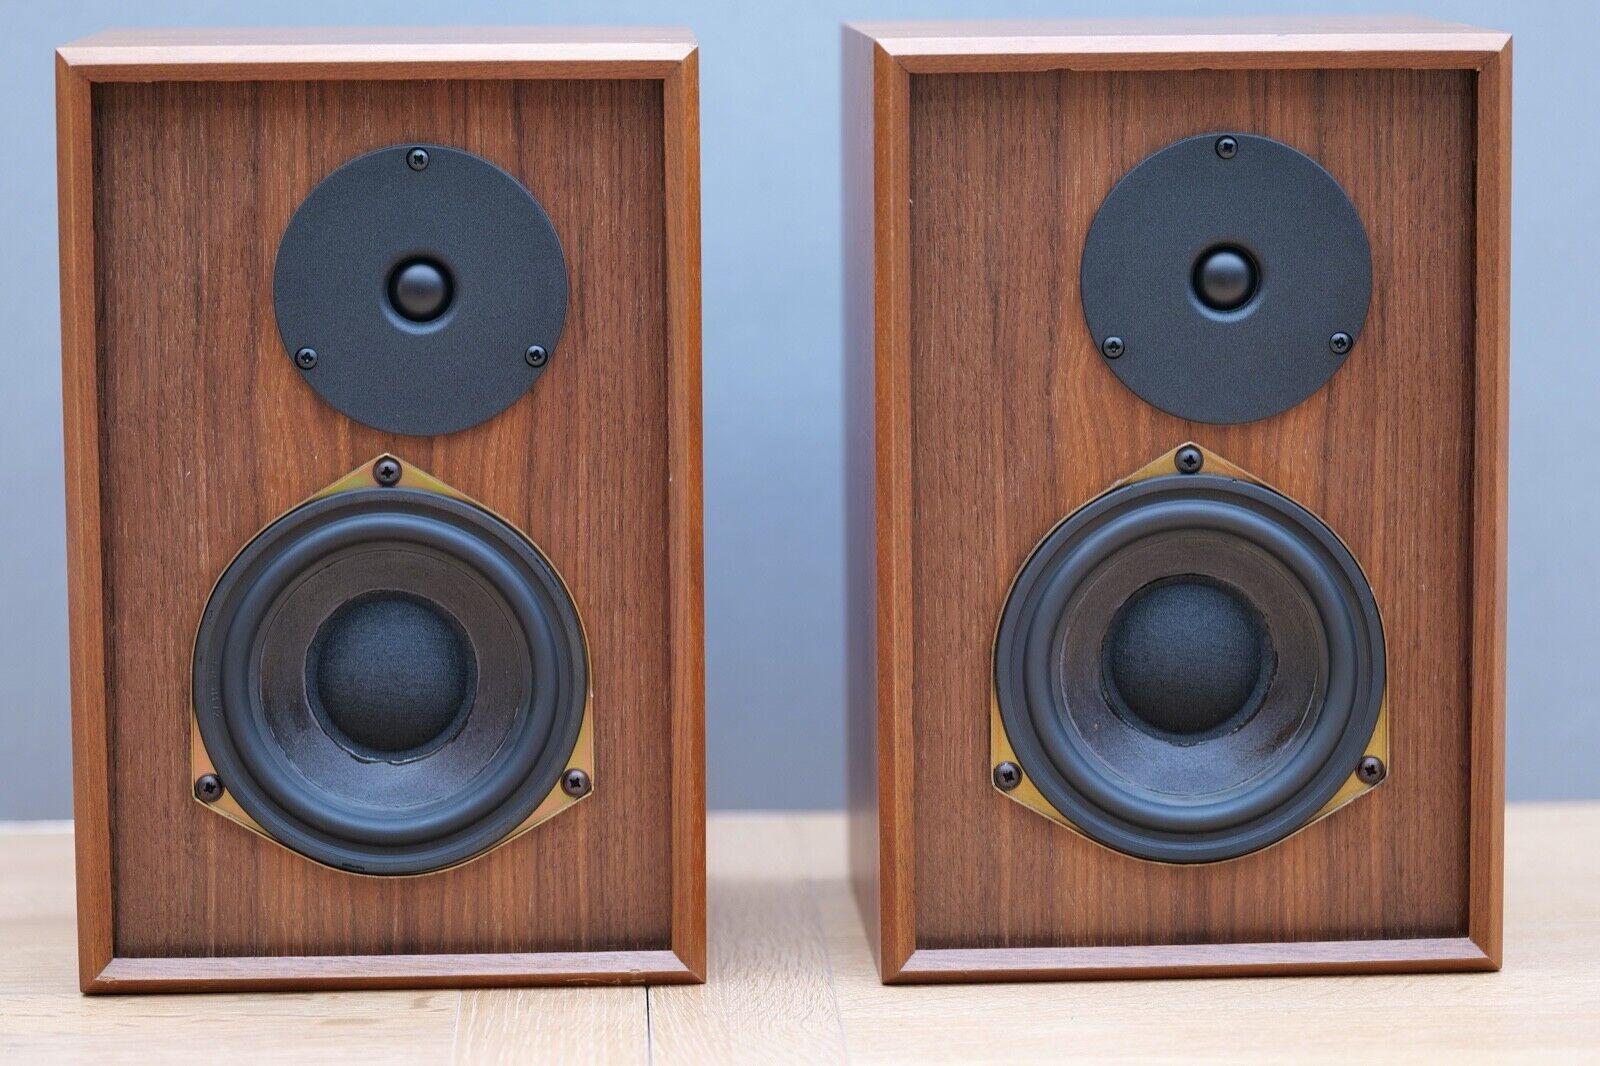 Royd Coniston R Loudspeakers - Walnut veneer (1990)